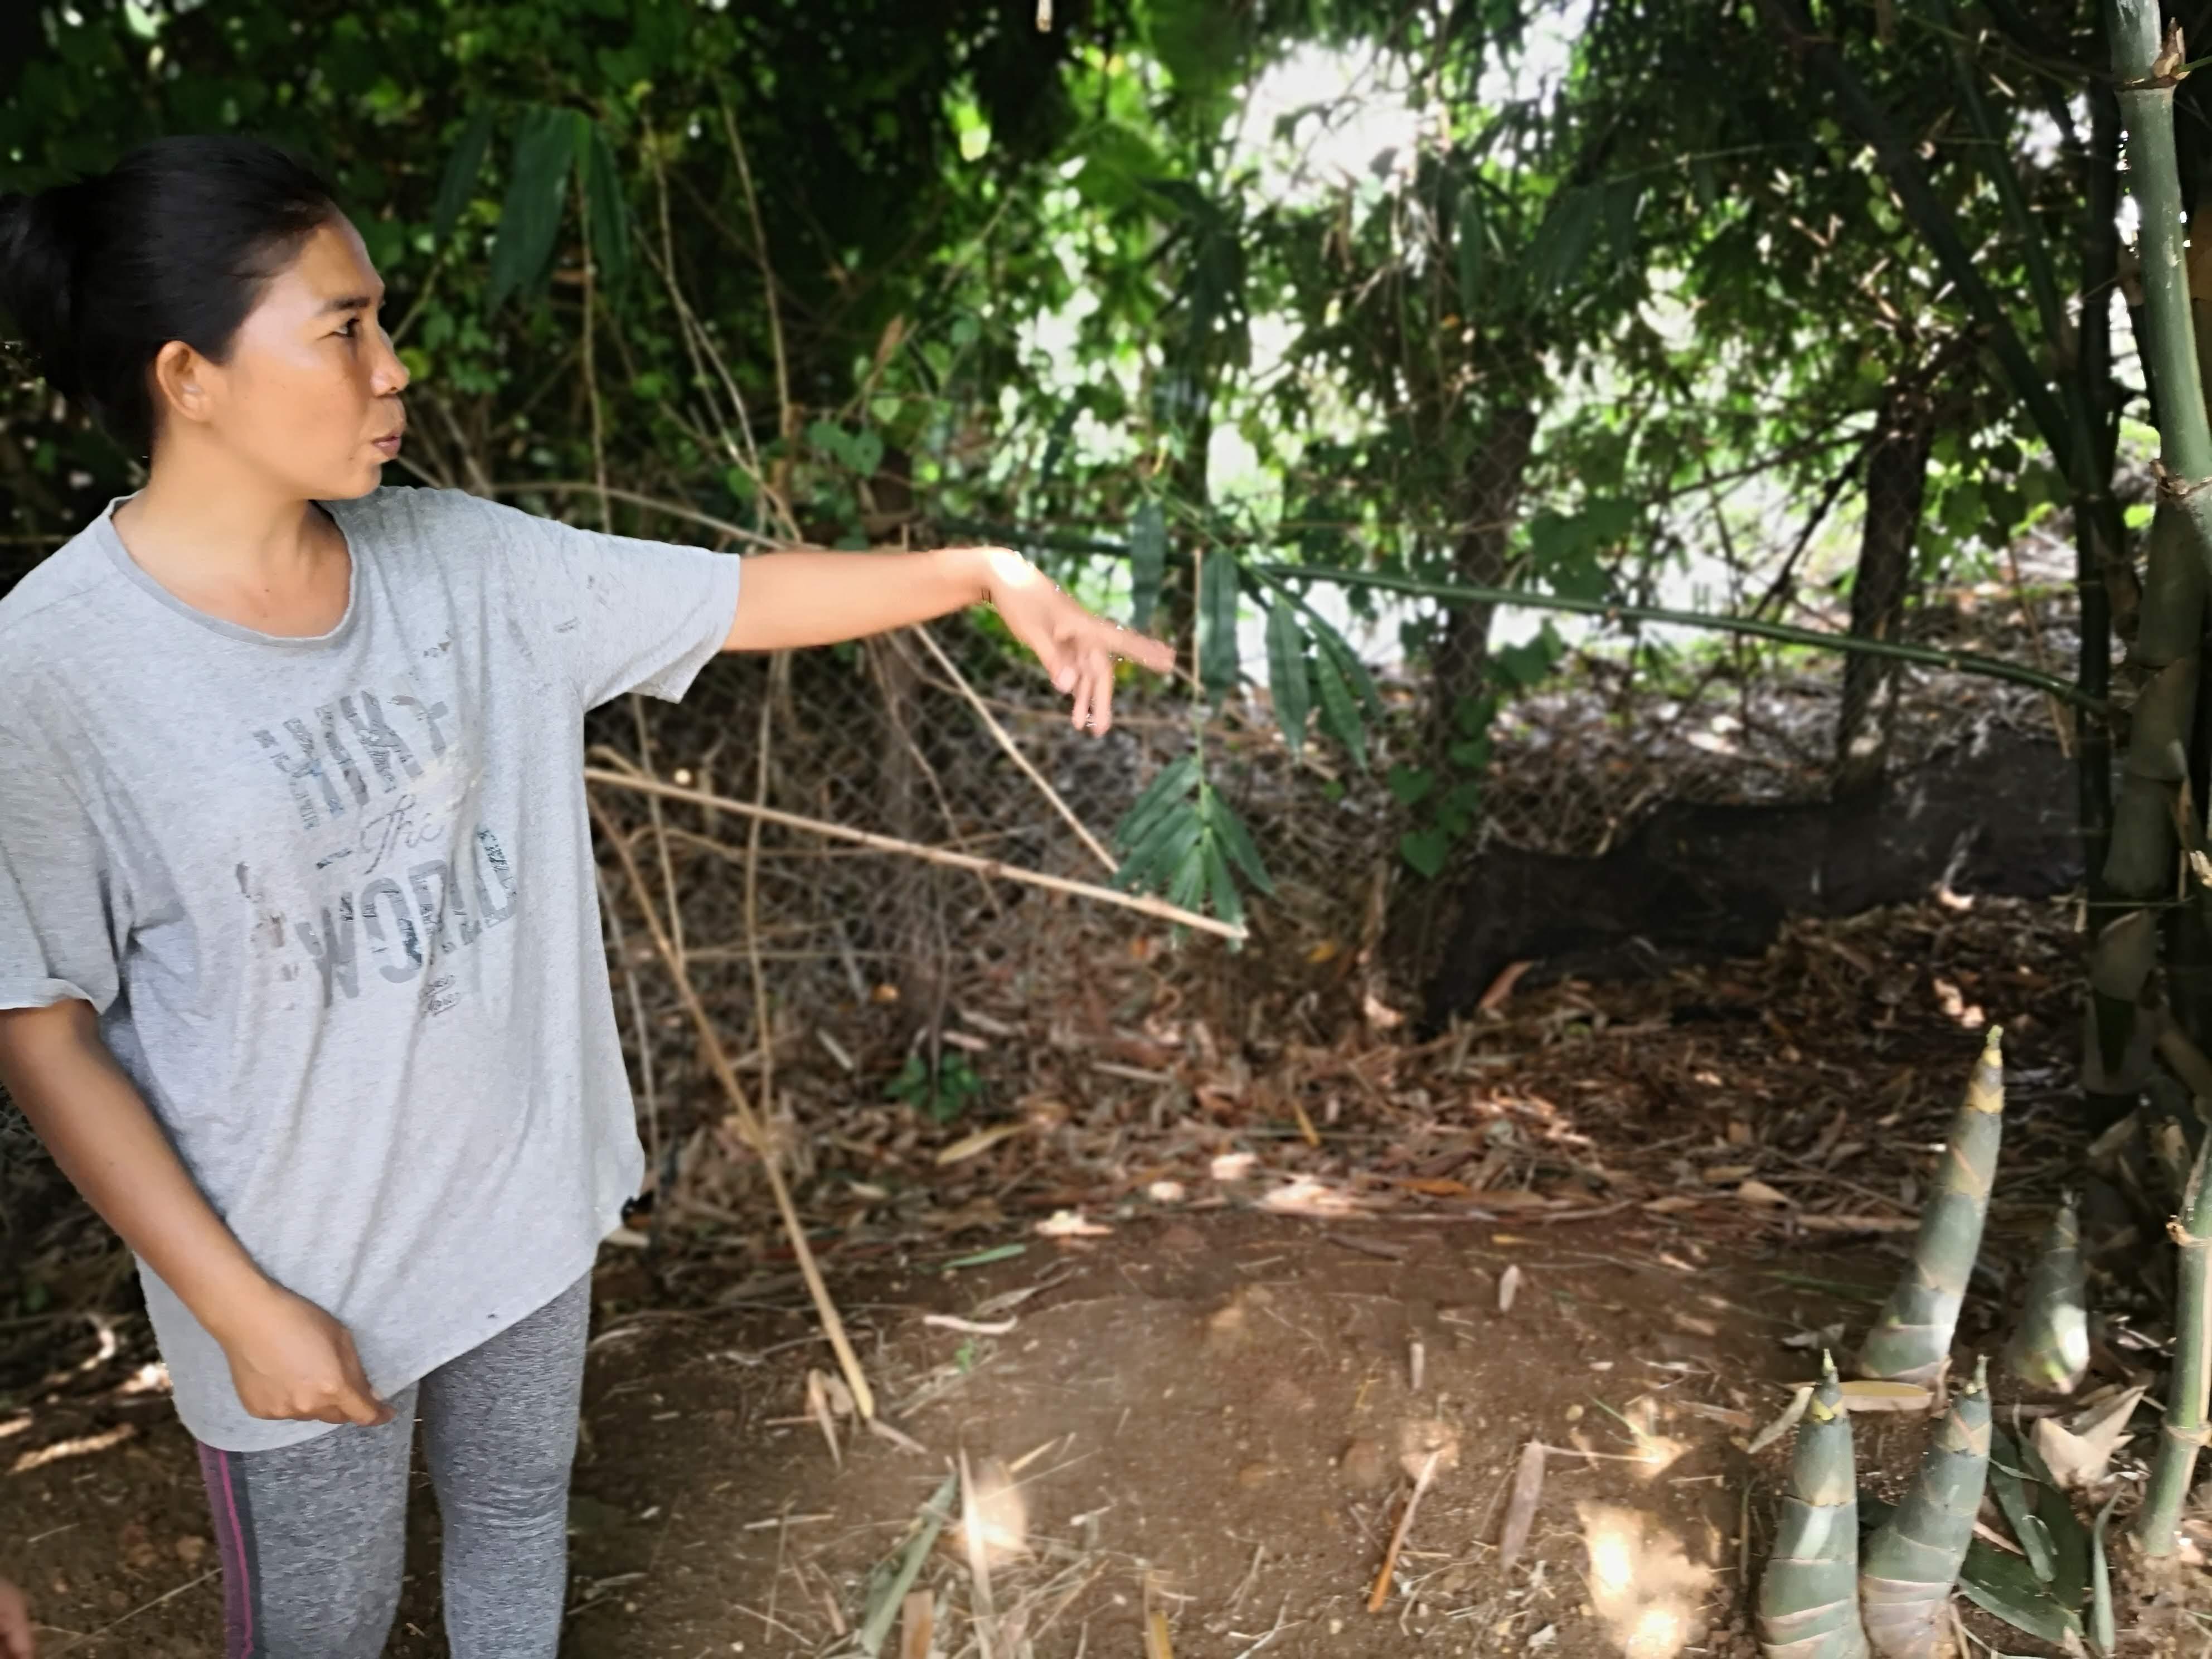 Molineat sells pickeld bamboo shoots she makes at home